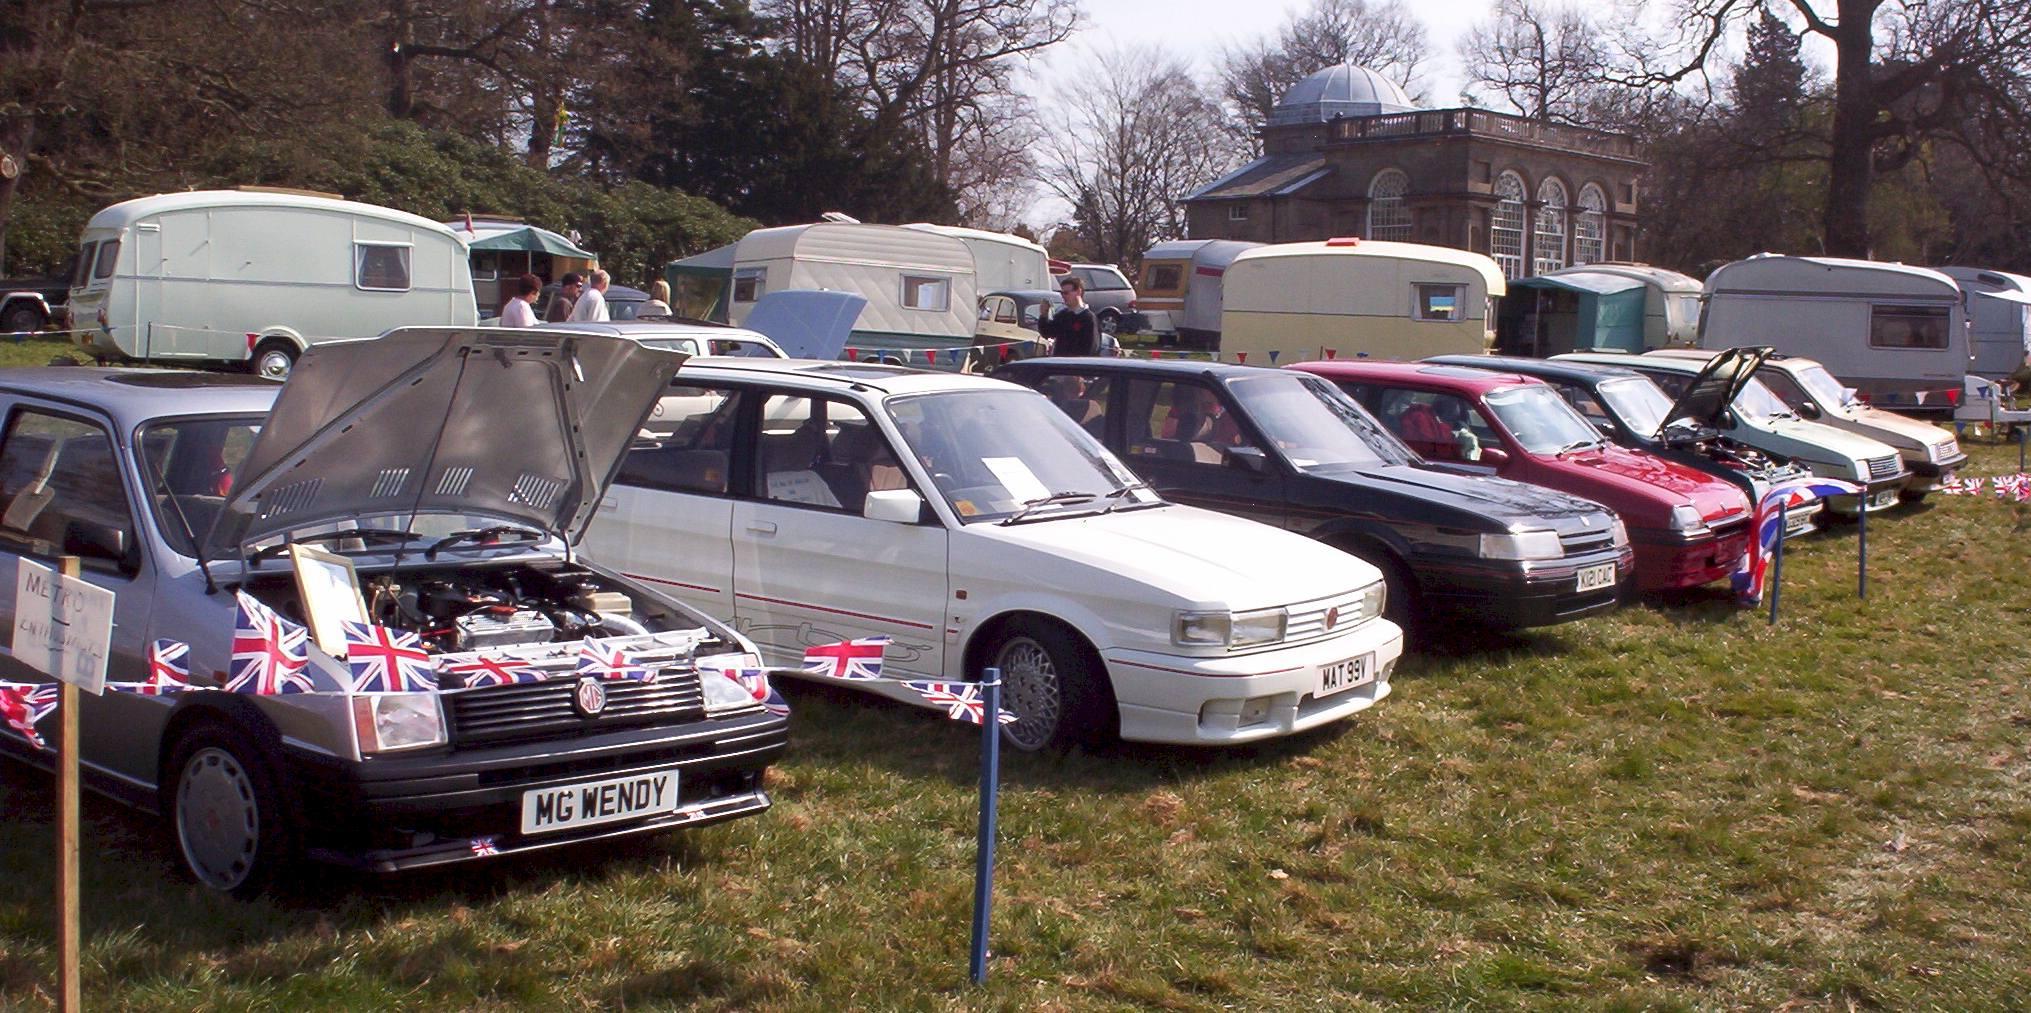 MG 'M' Group cars at Weston Park